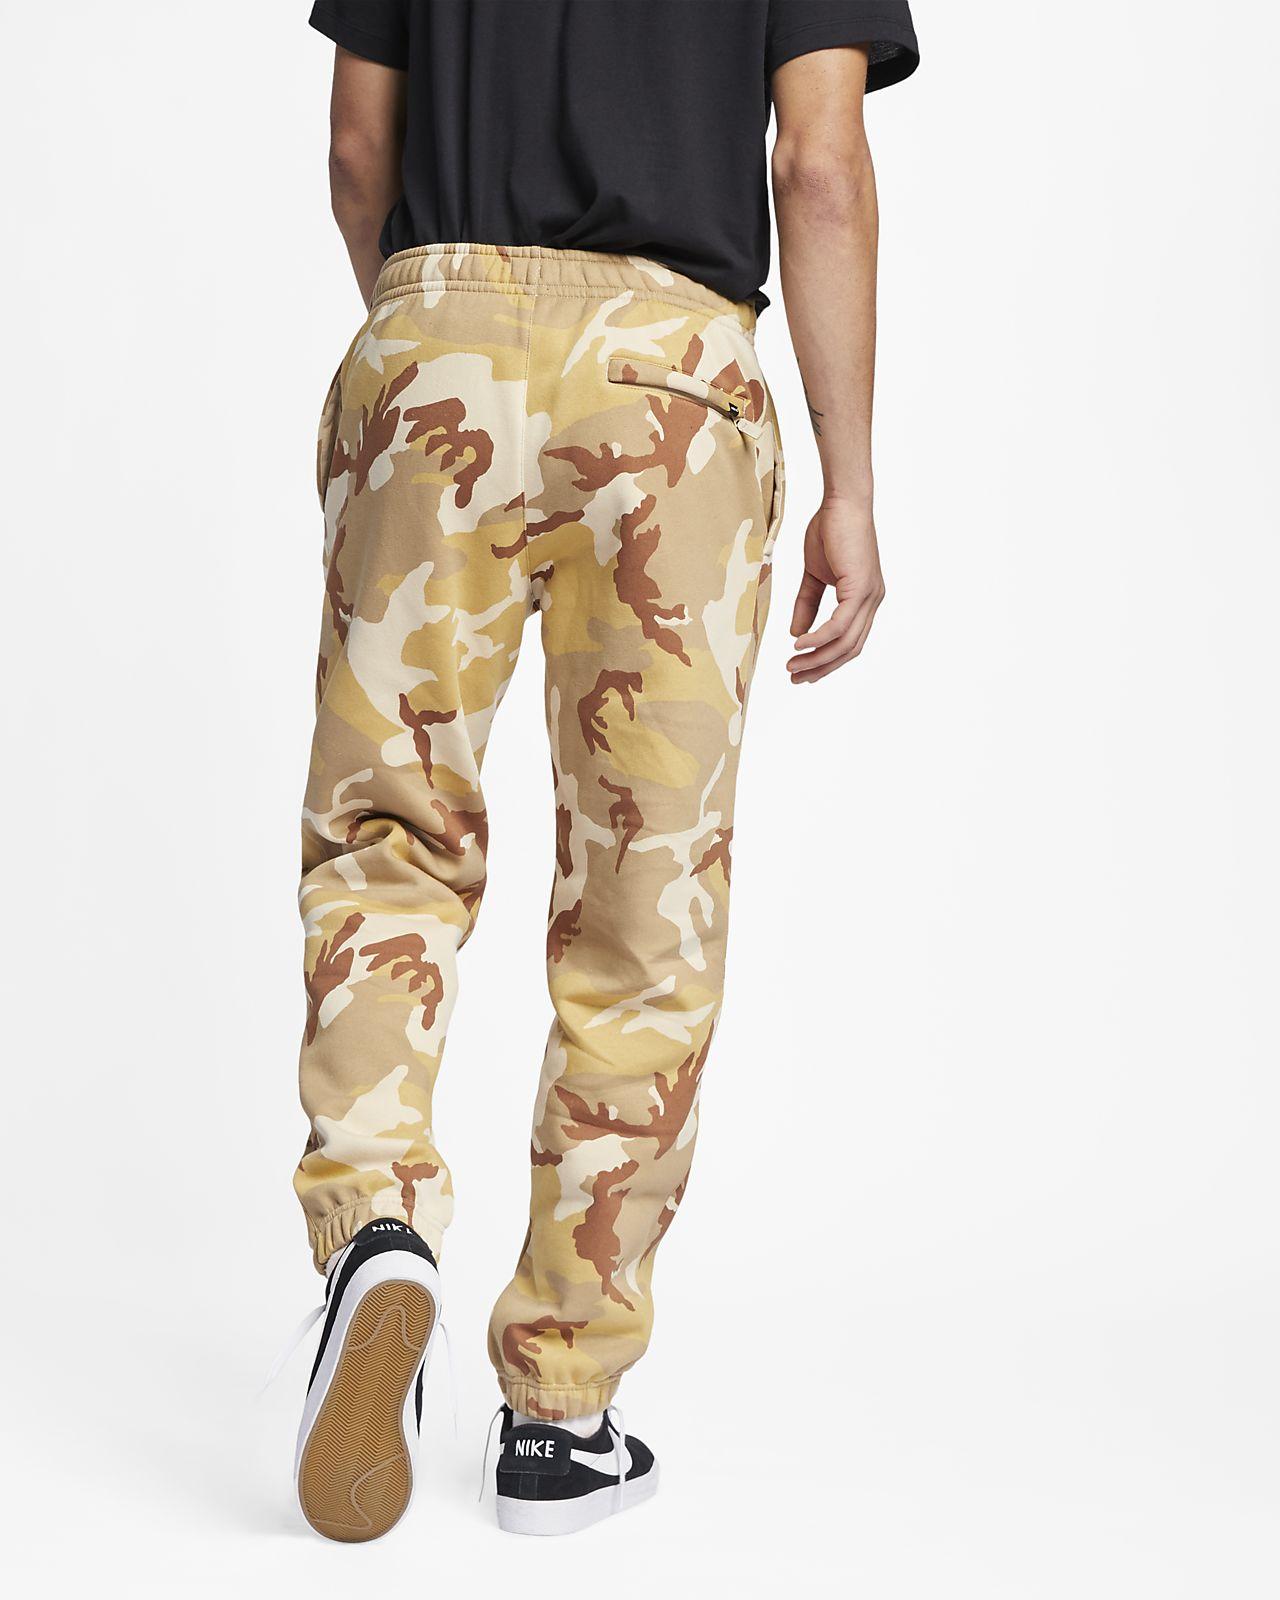 1007c1f974c4d Pantalones de skate camuflados para hombre Nike SB Icon. Nike.com CL